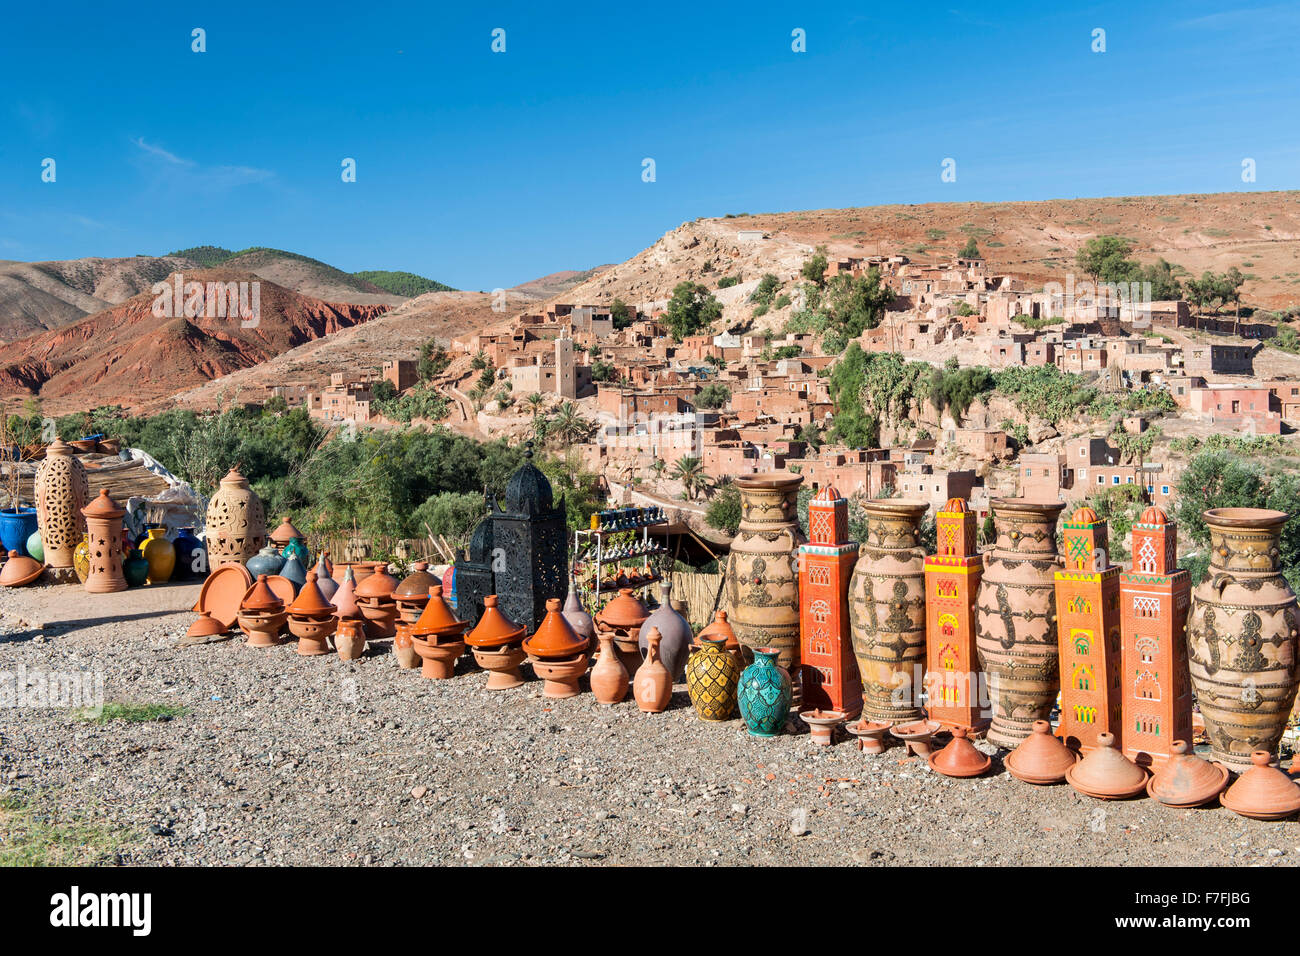 La alfarería y objetos curiosos para la venta cerca de Asni aldea en las montañas del Atlas de Marruecos. Imagen De Stock